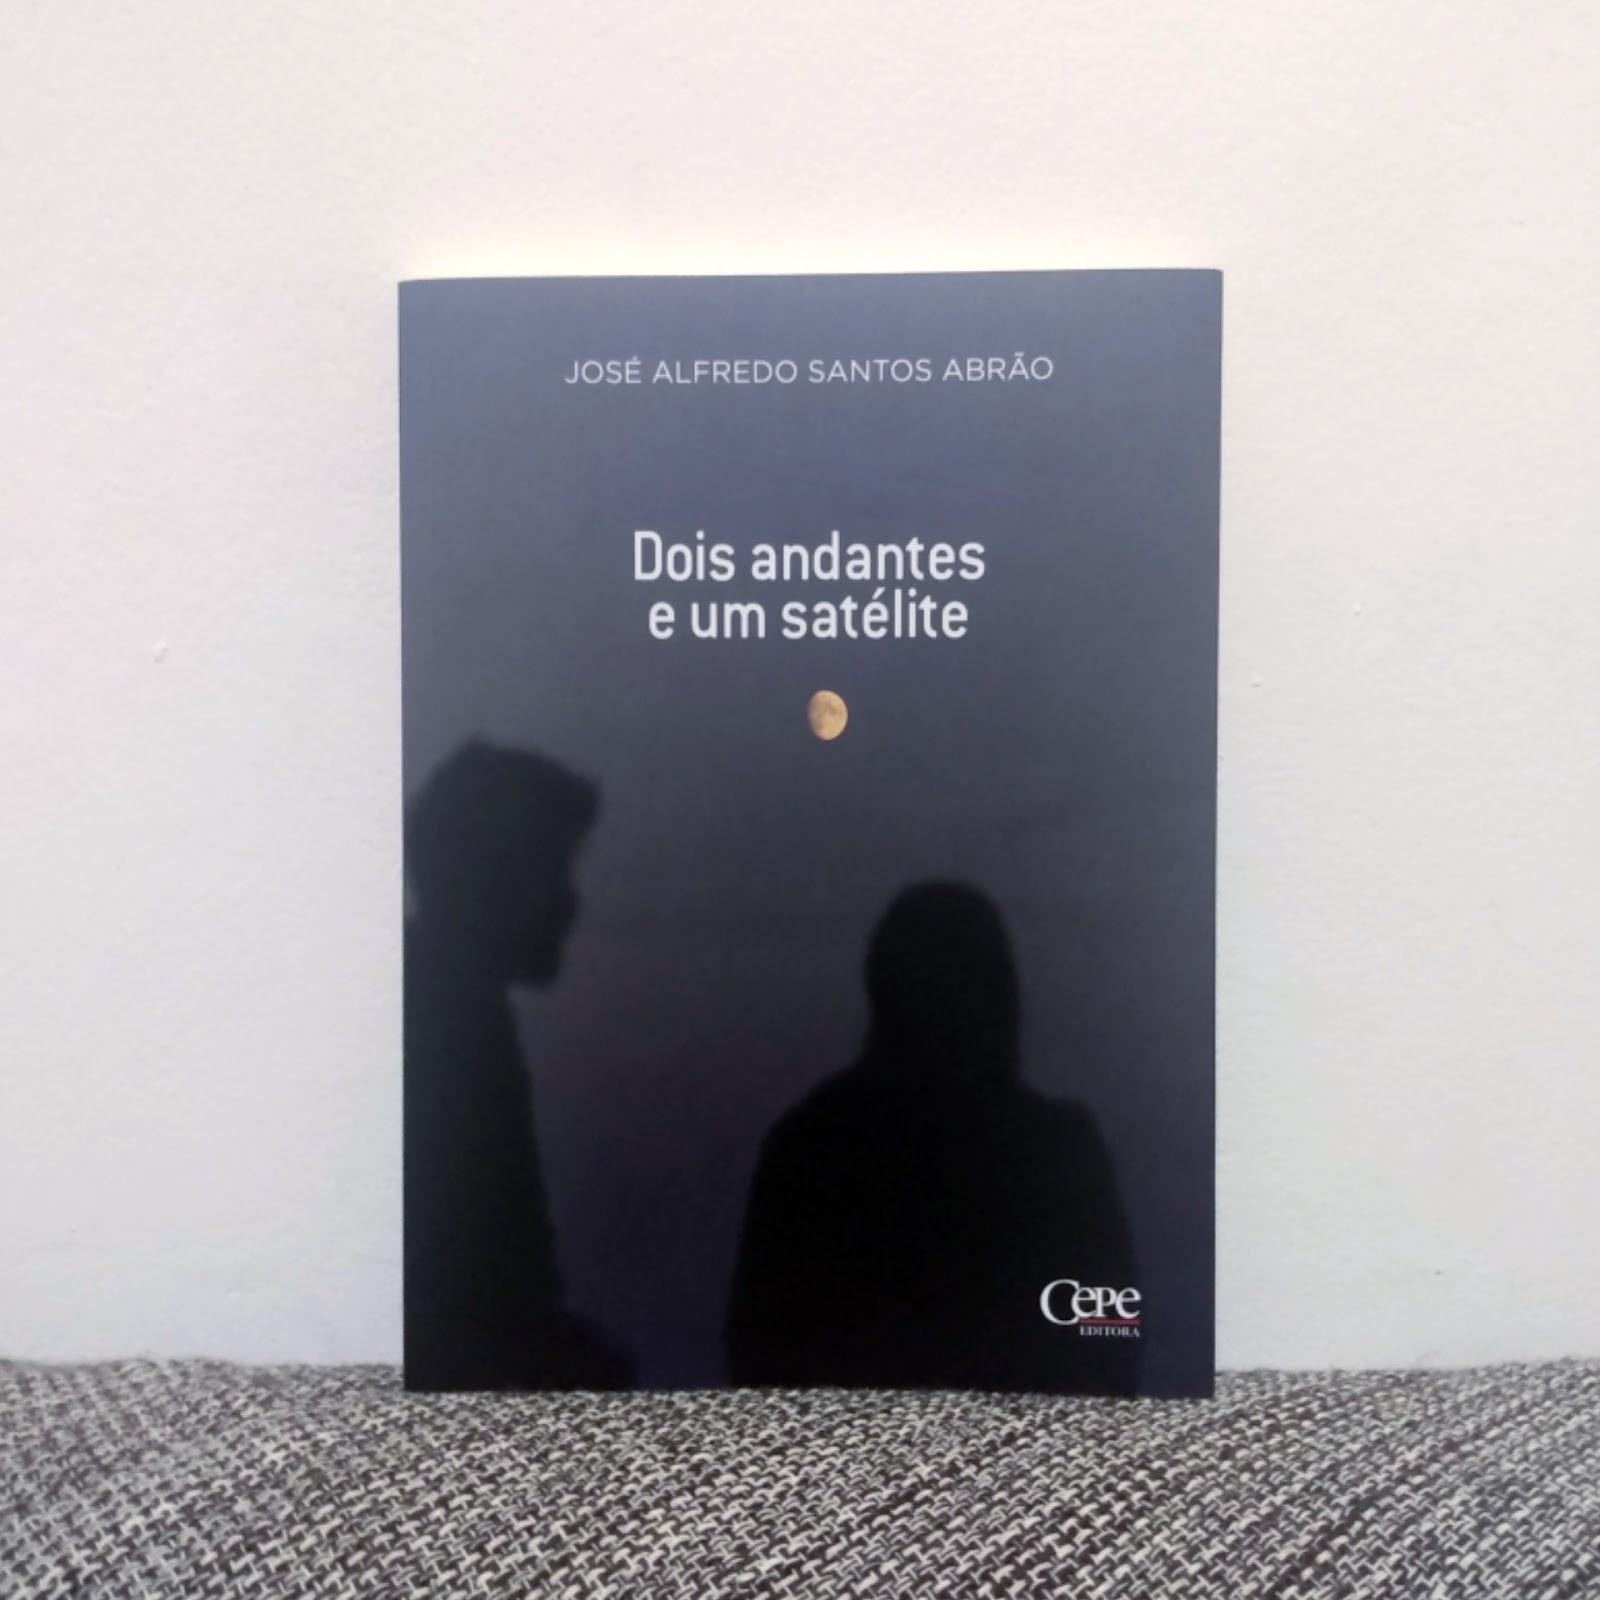 Capa de Dois andantes e um satélite, novela de José Alfredo Santos Abrão, editora Cepe